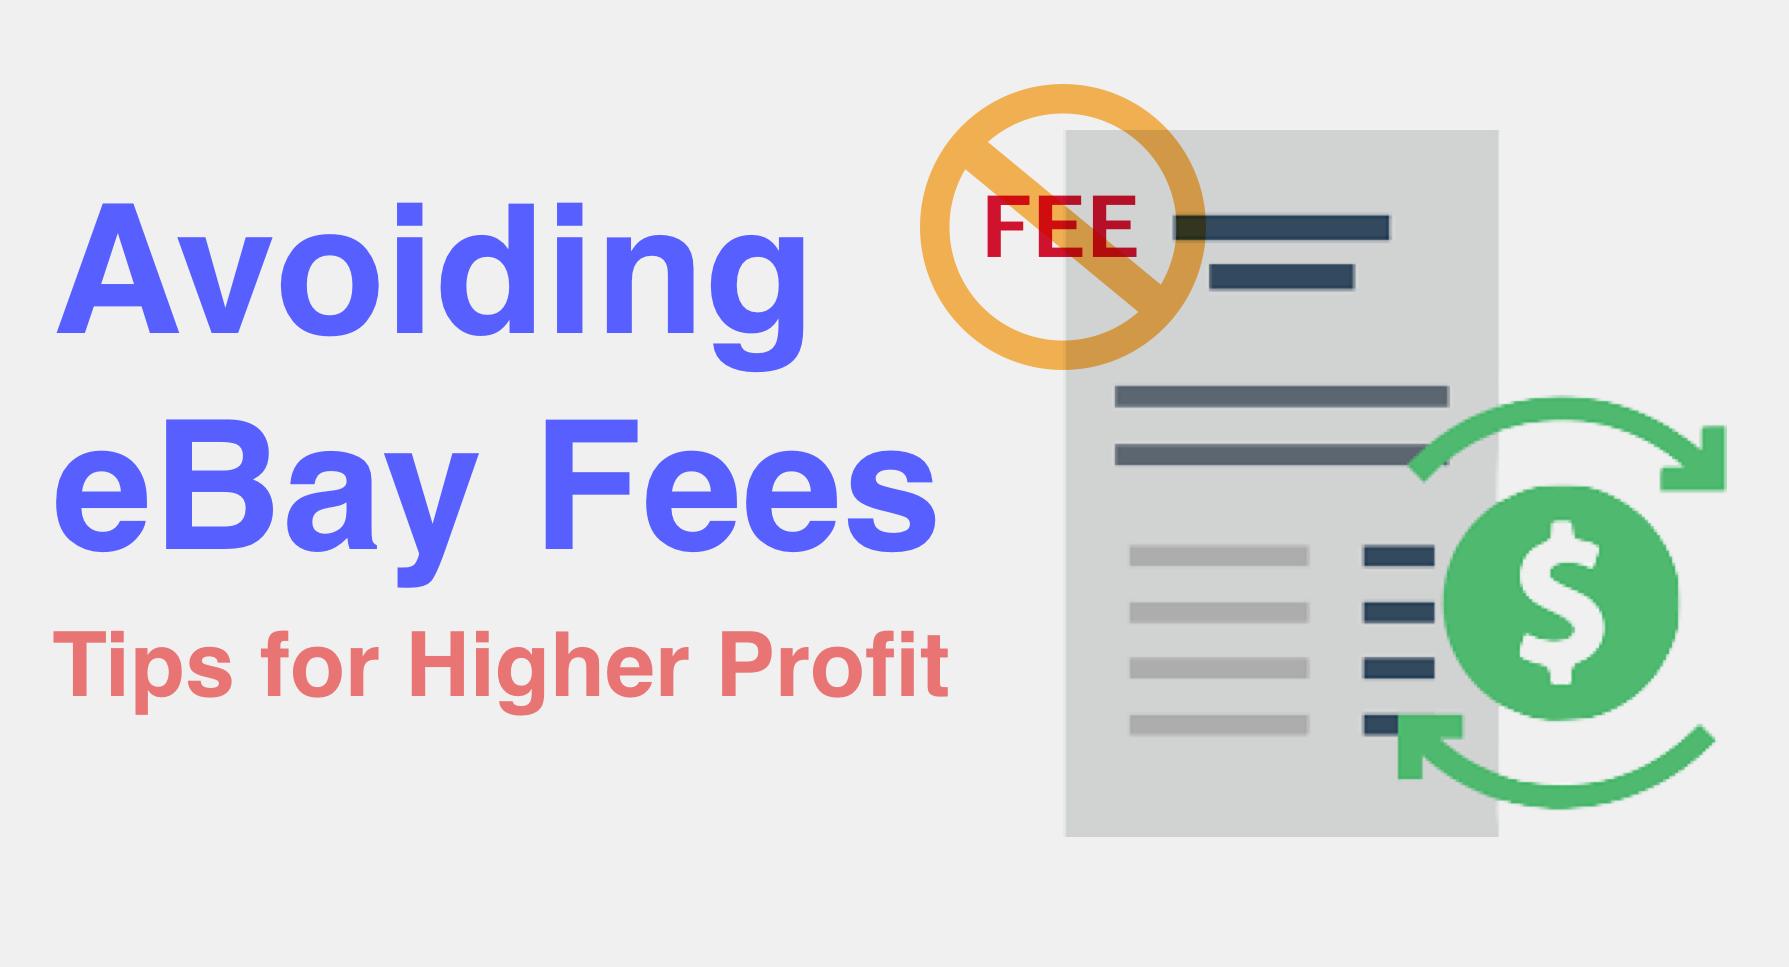 Avoiding eBay Fees: Tips for Higher Profit